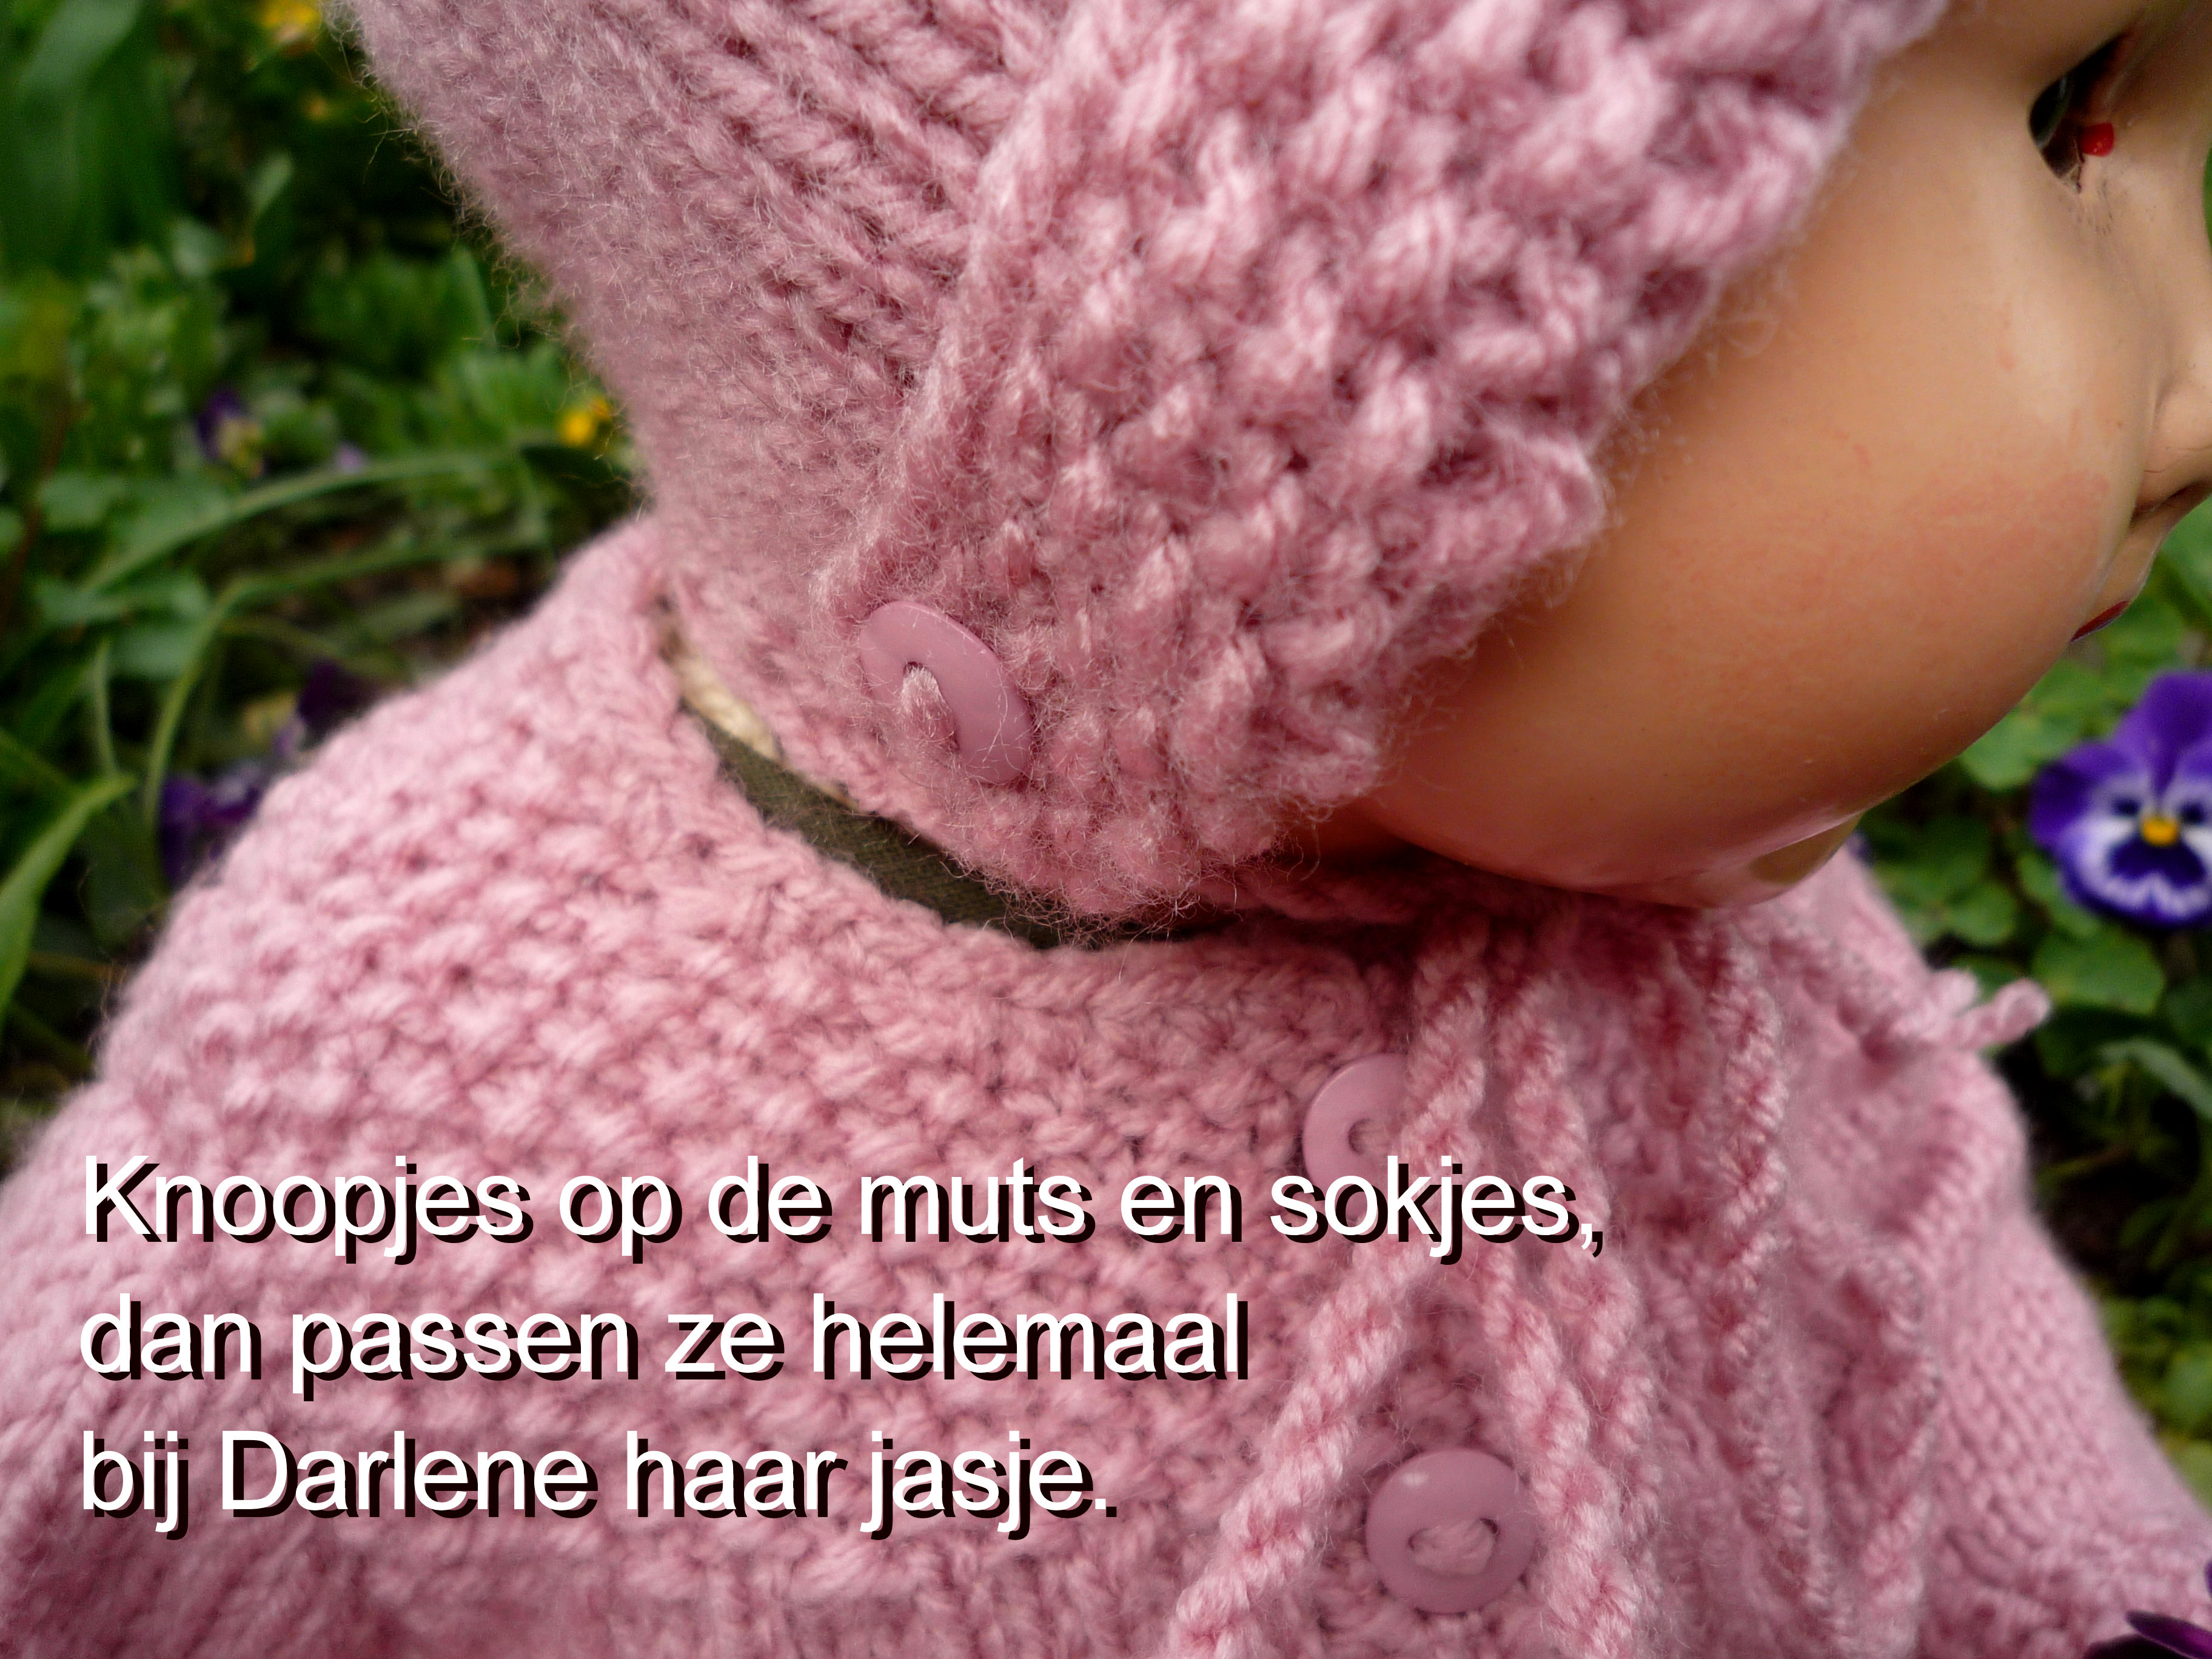 https://welkepopisdat.nl/afbeeldingen-Forum/DurvinaFotos/kleertjes%20Darlene%20en%20Florieke%20(17).JPG